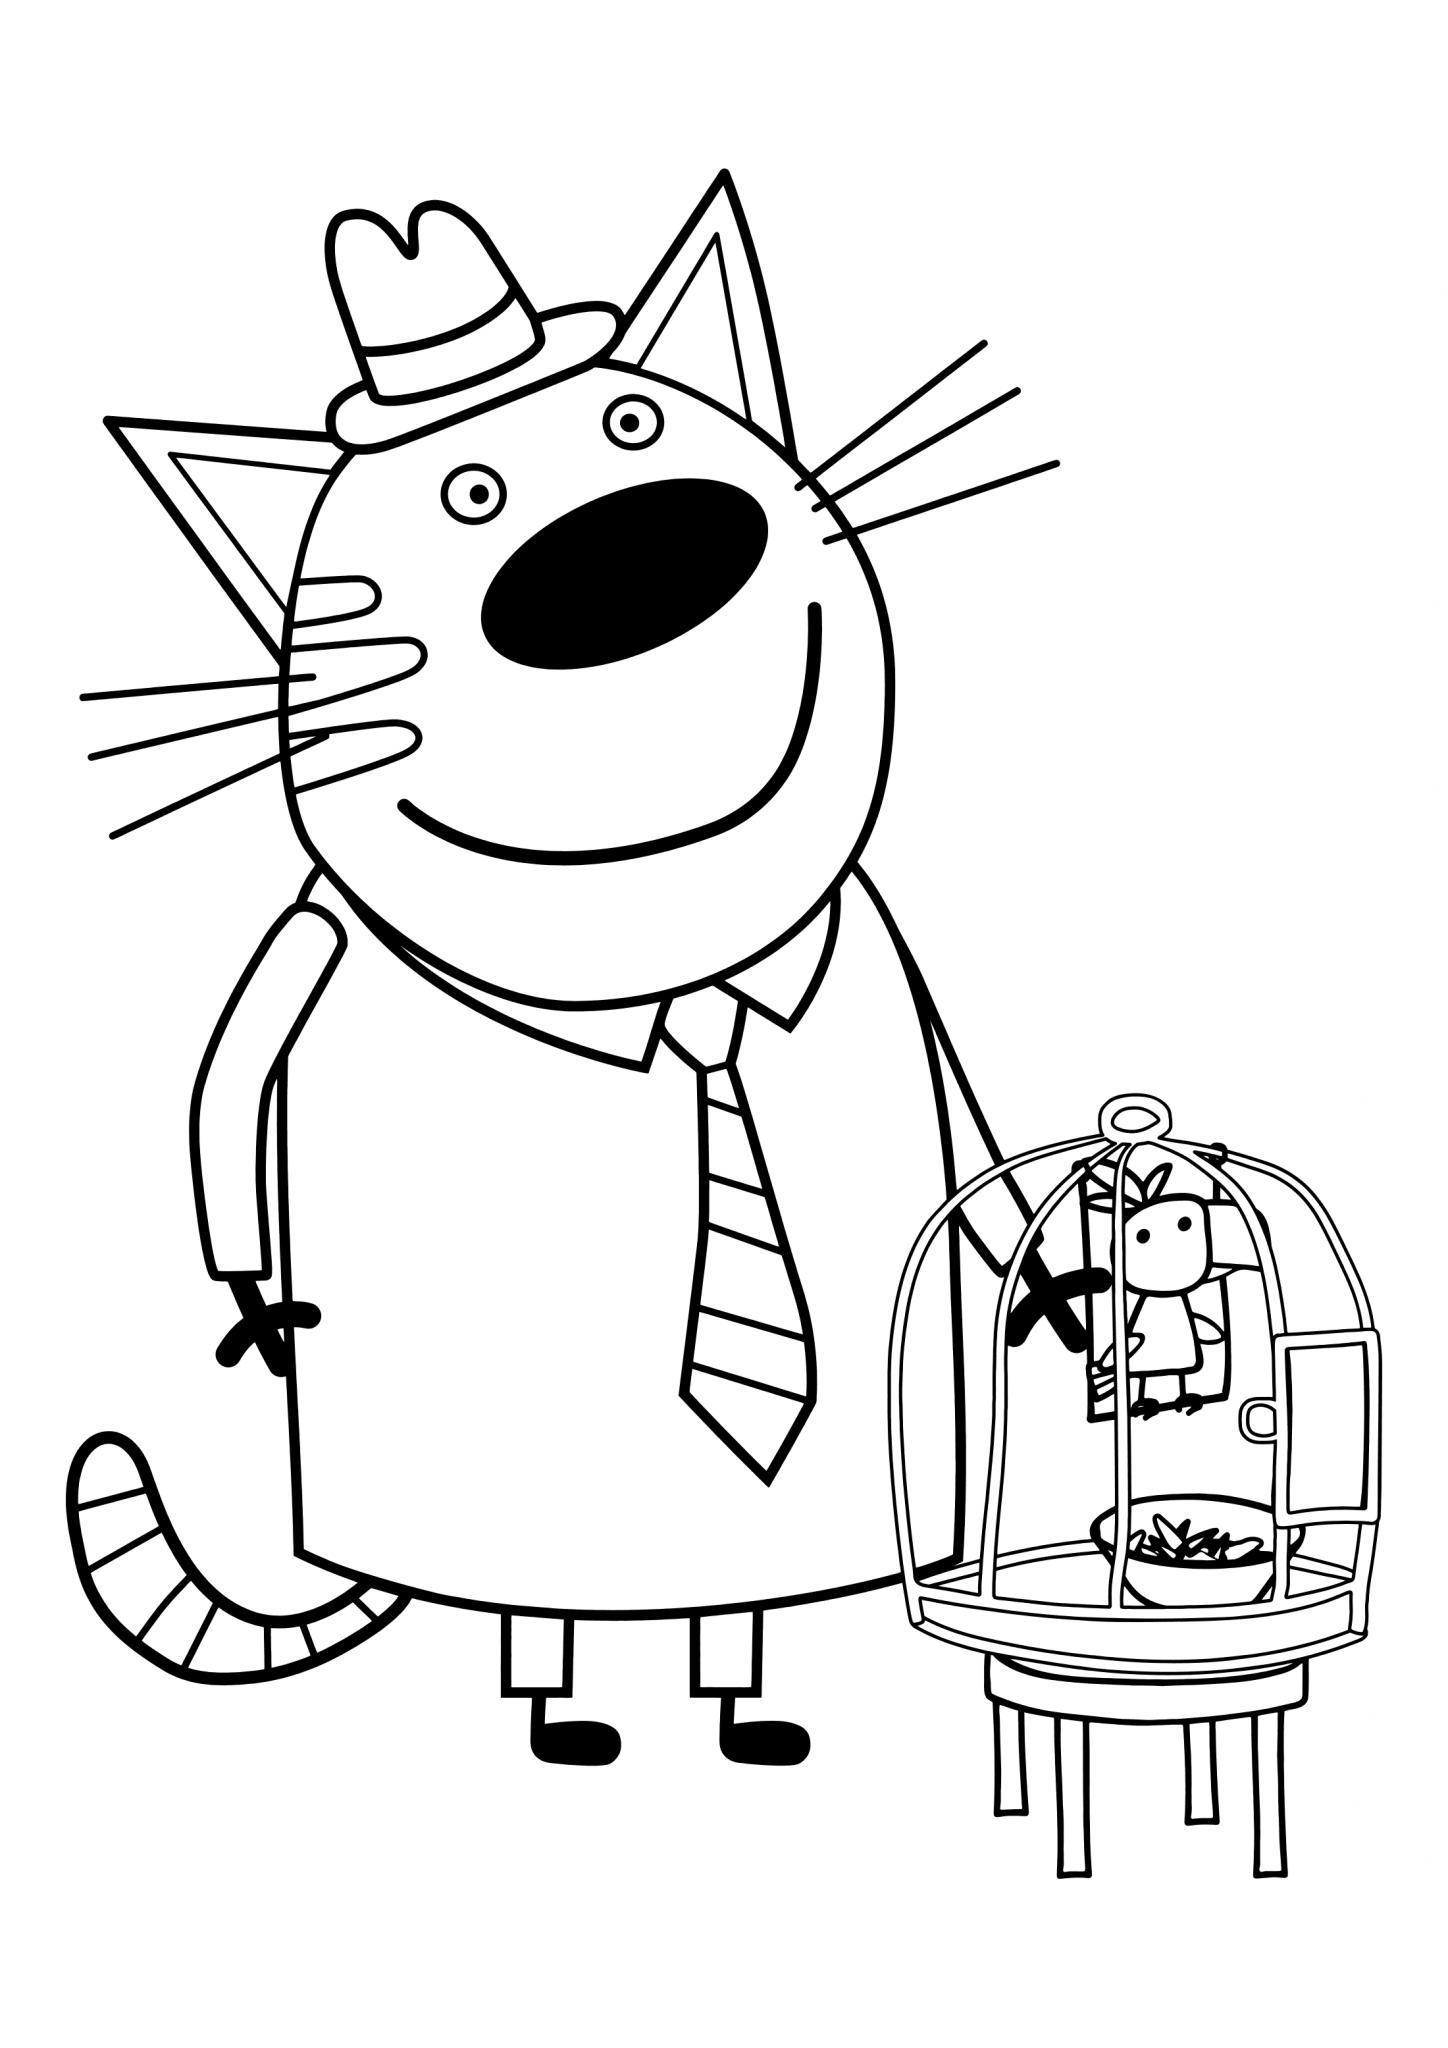 Три кота картинки раскраски коржик